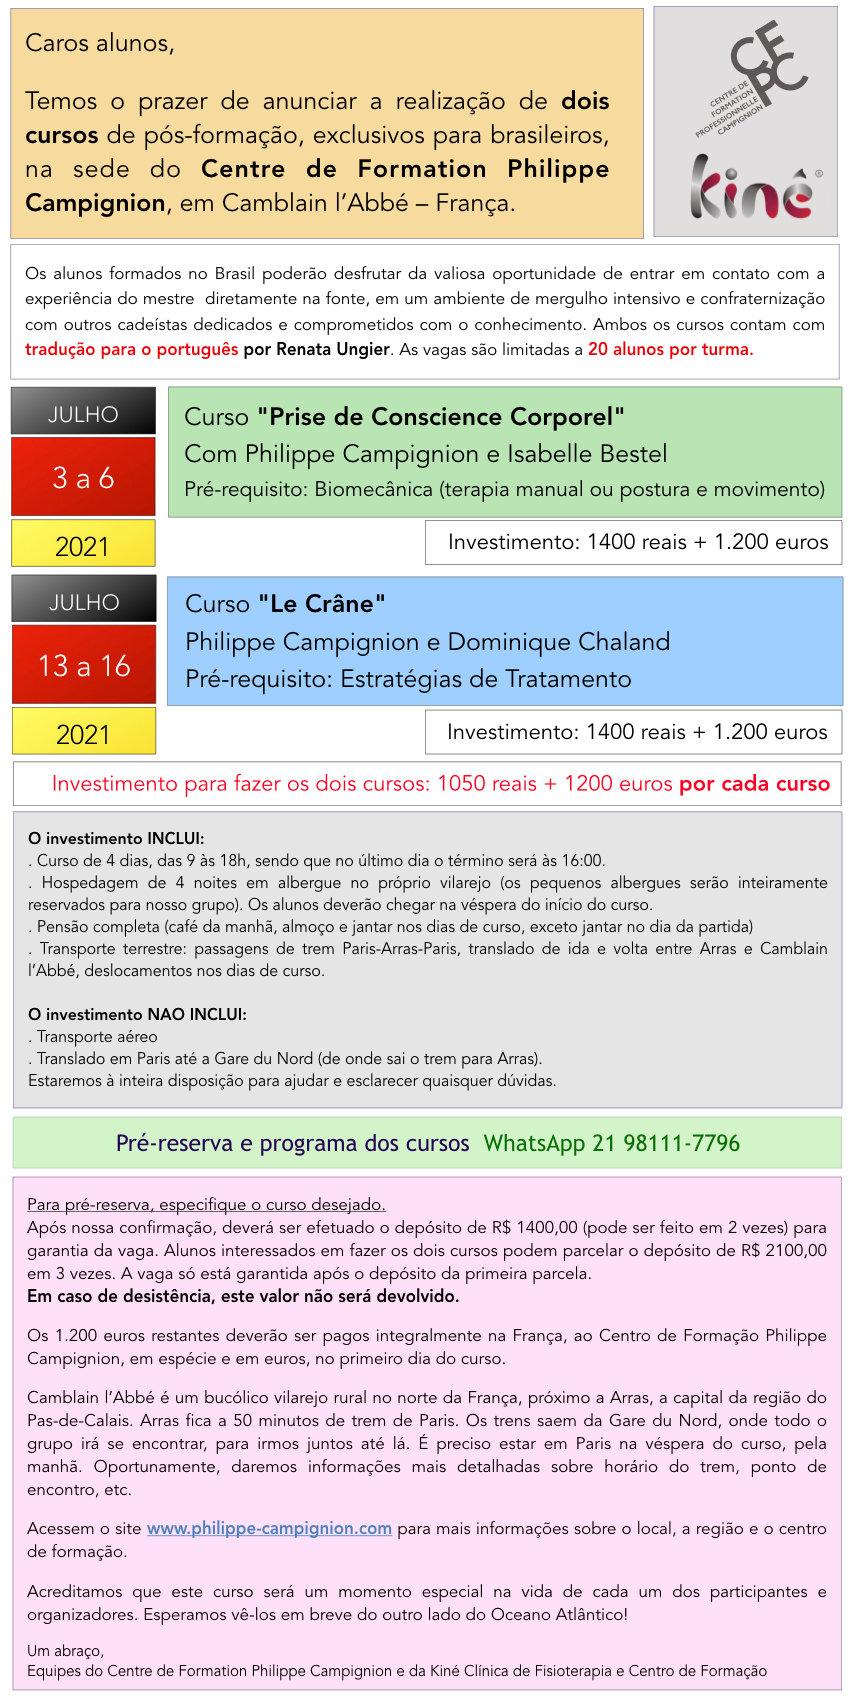 Pós-formação França 2021 - 2 cursos.001.